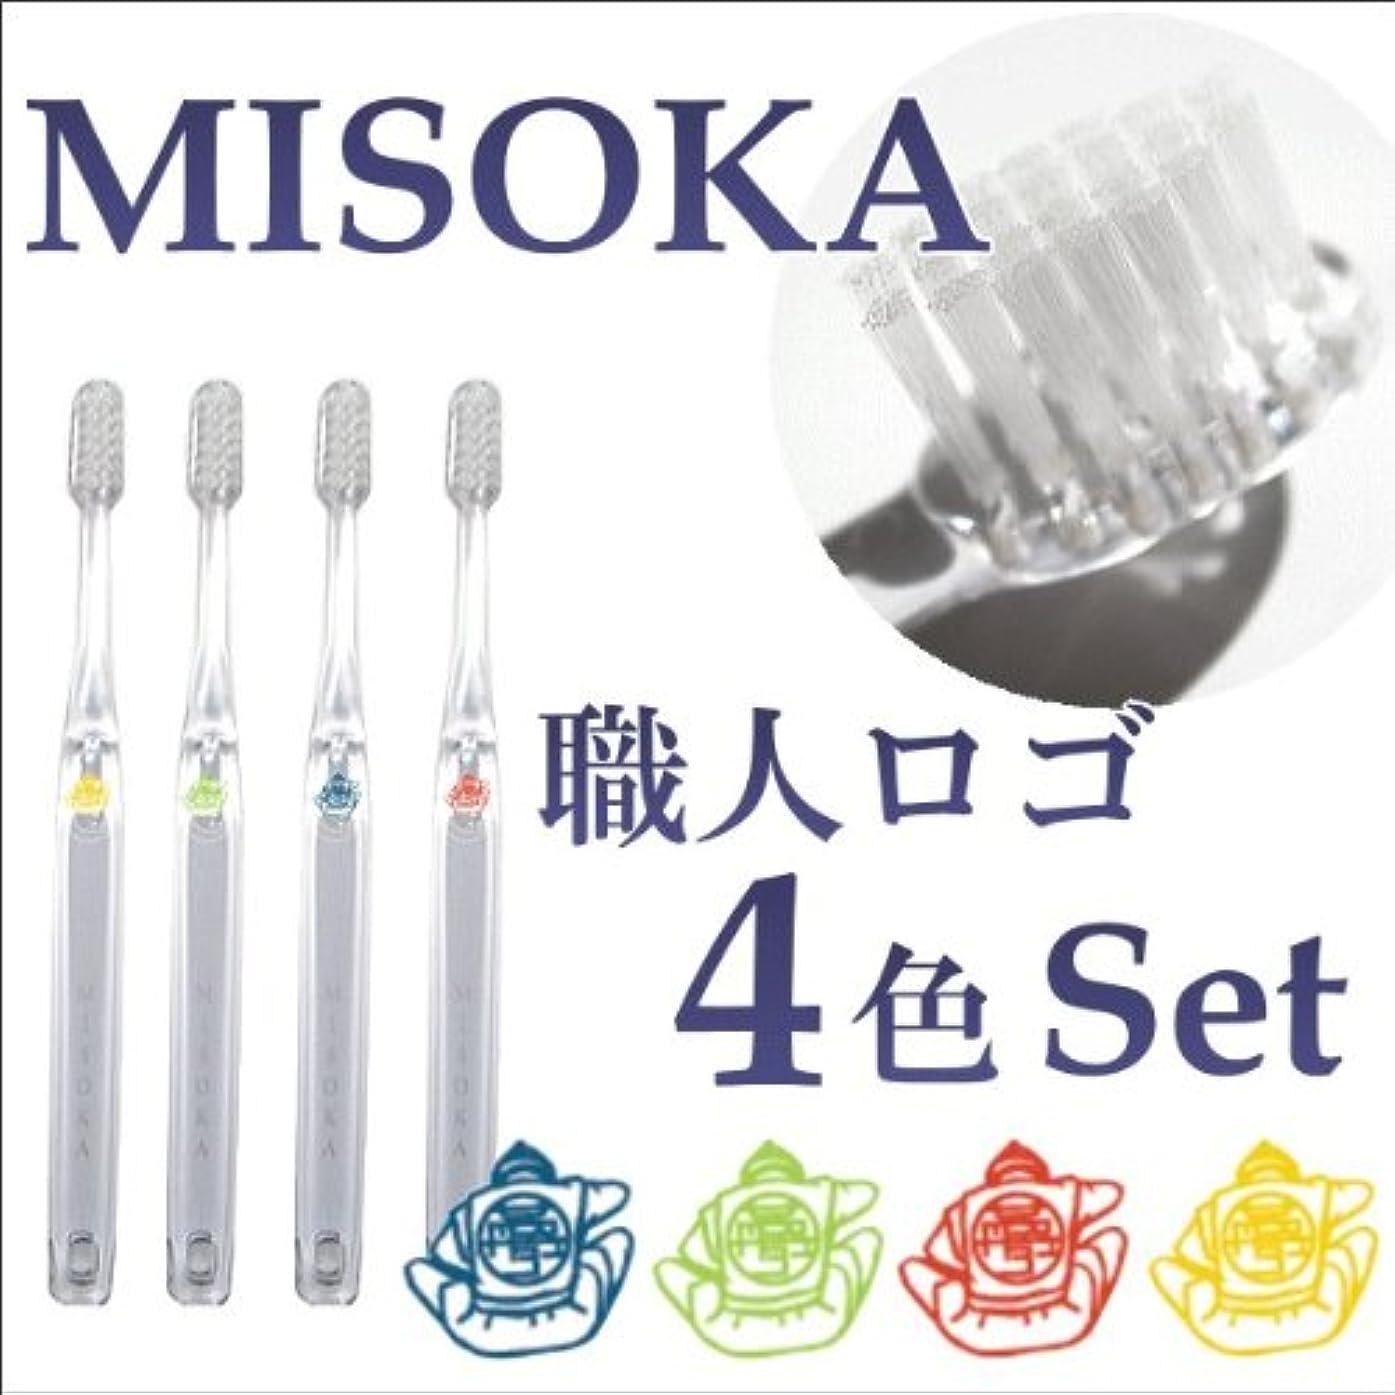 大きい余韻バター「MISOKA」職人技の歯ブラシ ミソカ 職人ロゴ4色セット×2セット